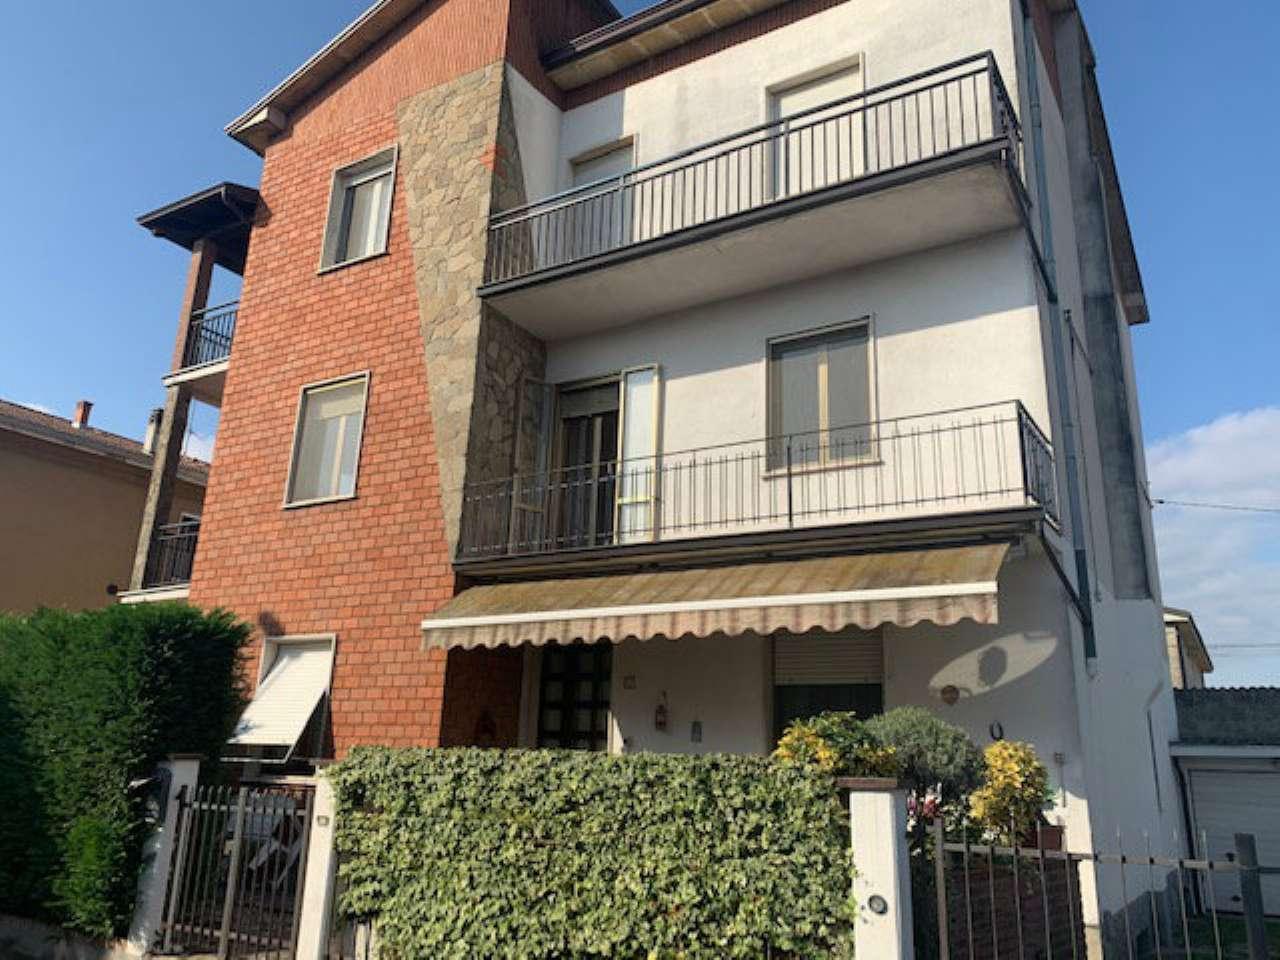 Appartamento in vendita a San Giorgio Piacentino, 4 locali, prezzo € 100.000 | PortaleAgenzieImmobiliari.it